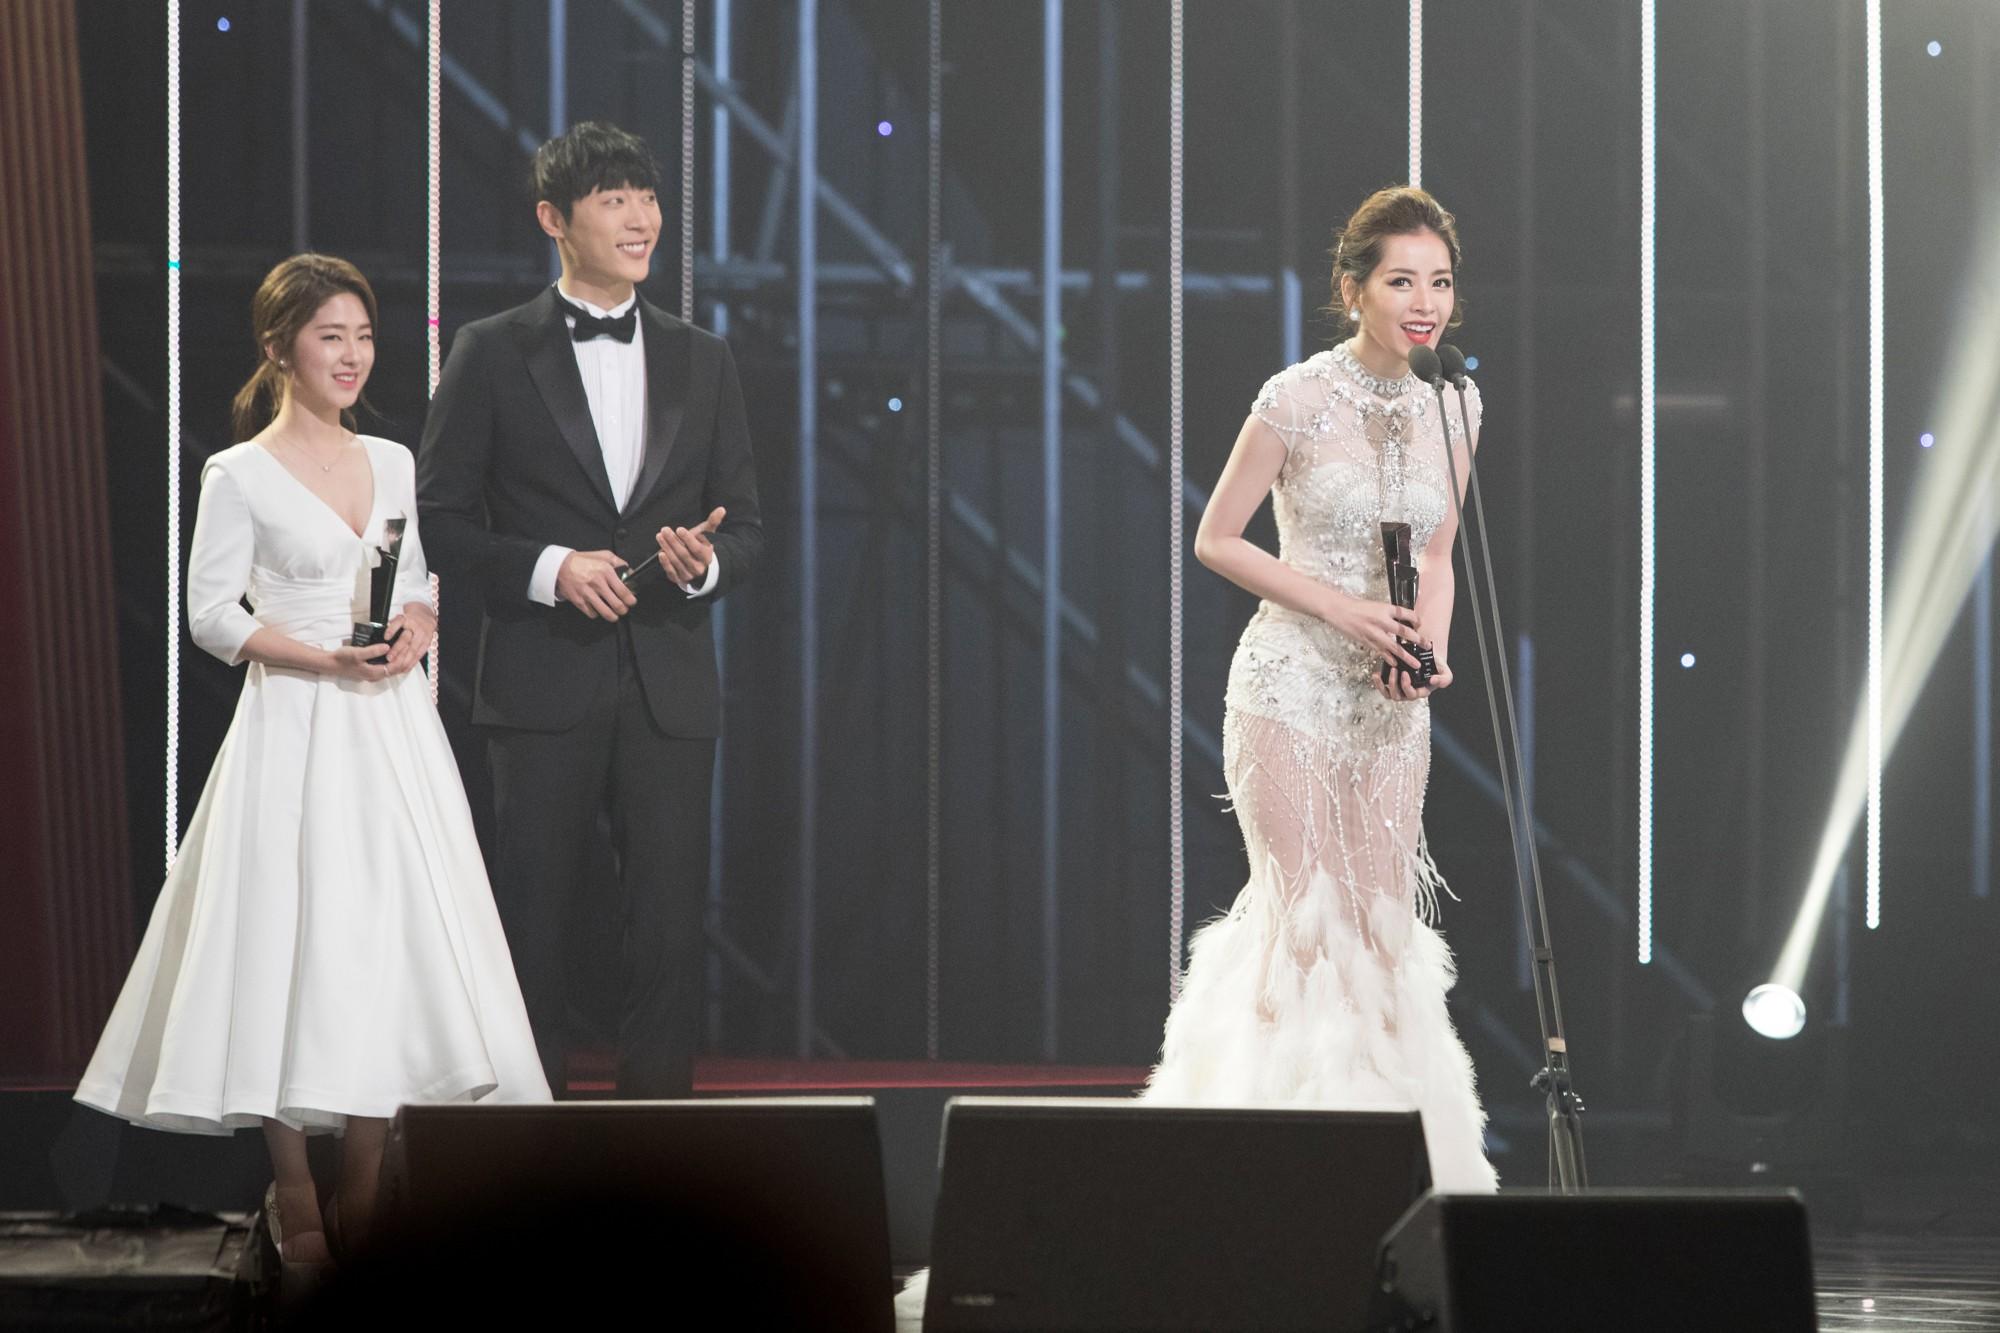 Choáng với quy mô 3 mùa Asia Artist Awards: Bê cả Kbiz lên thảm đỏ, tập hợp khoảnh khắc đắt giá nhưng vẫn tồn tại 1 vấn đề - Ảnh 30.